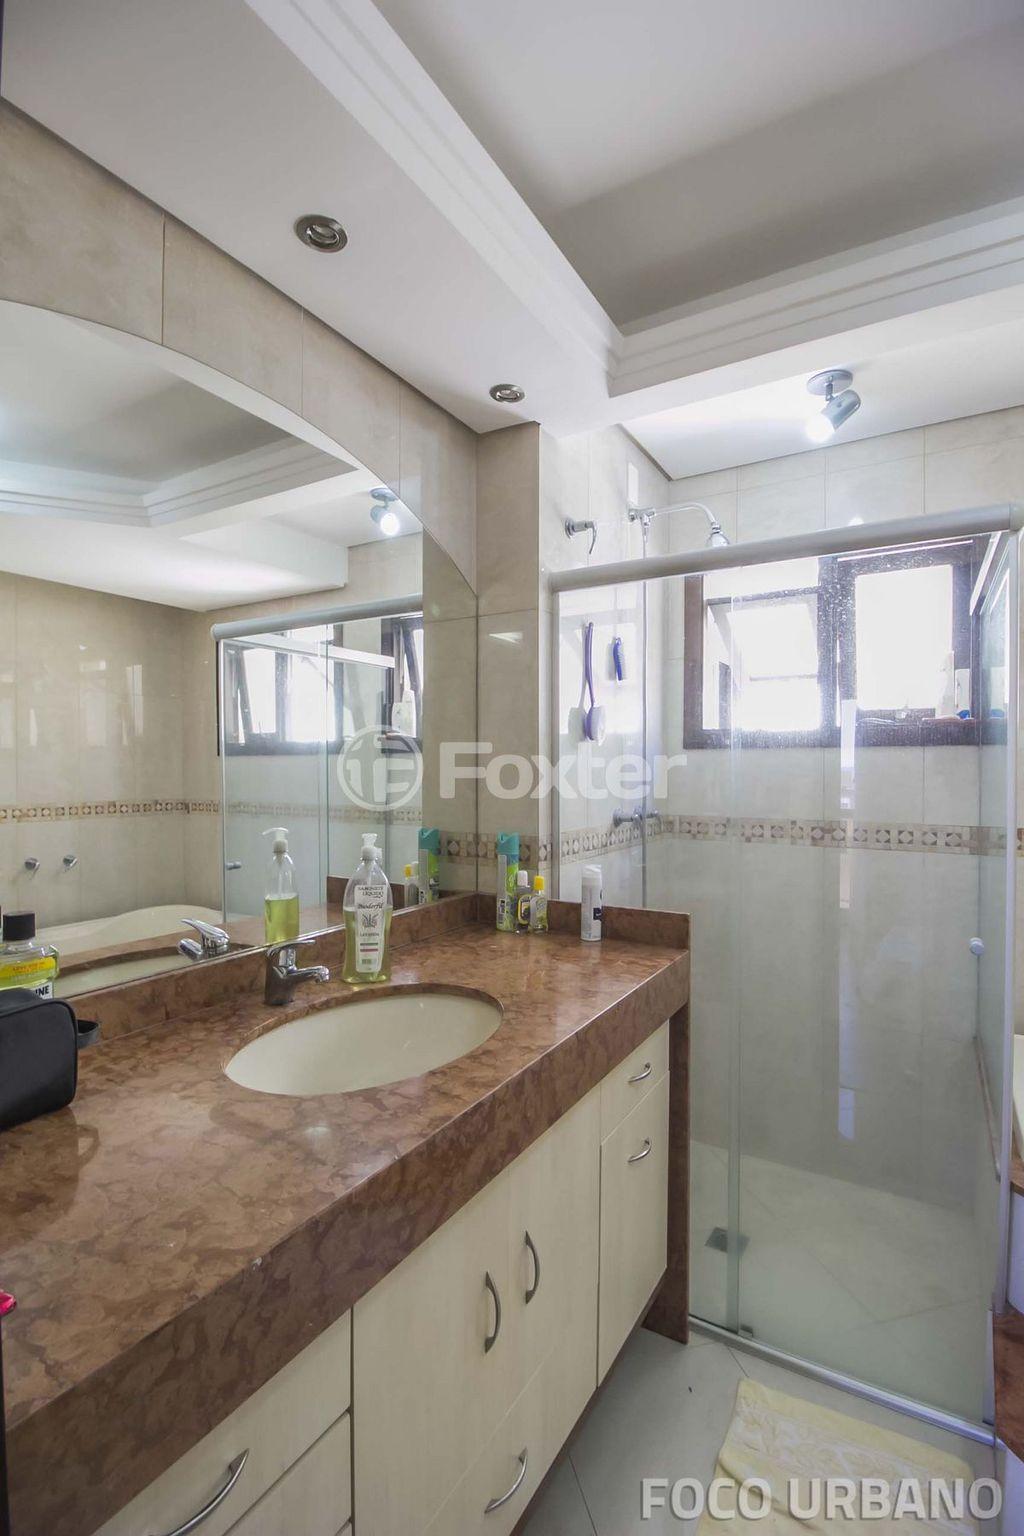 Foxter Imobiliária - Cobertura 3 Dorm (135857) - Foto 18